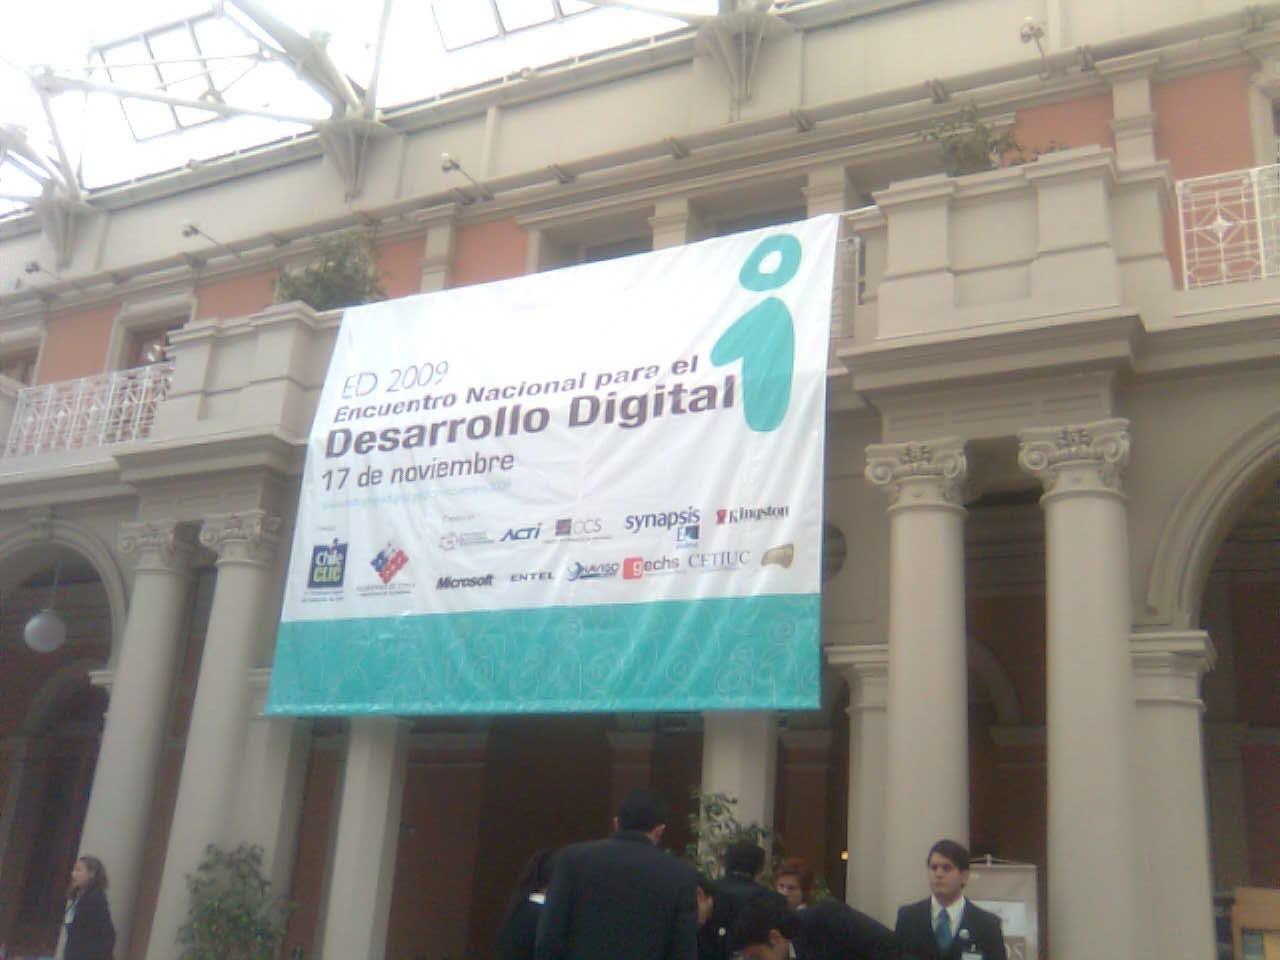 Encuentro para el desarrollo digital